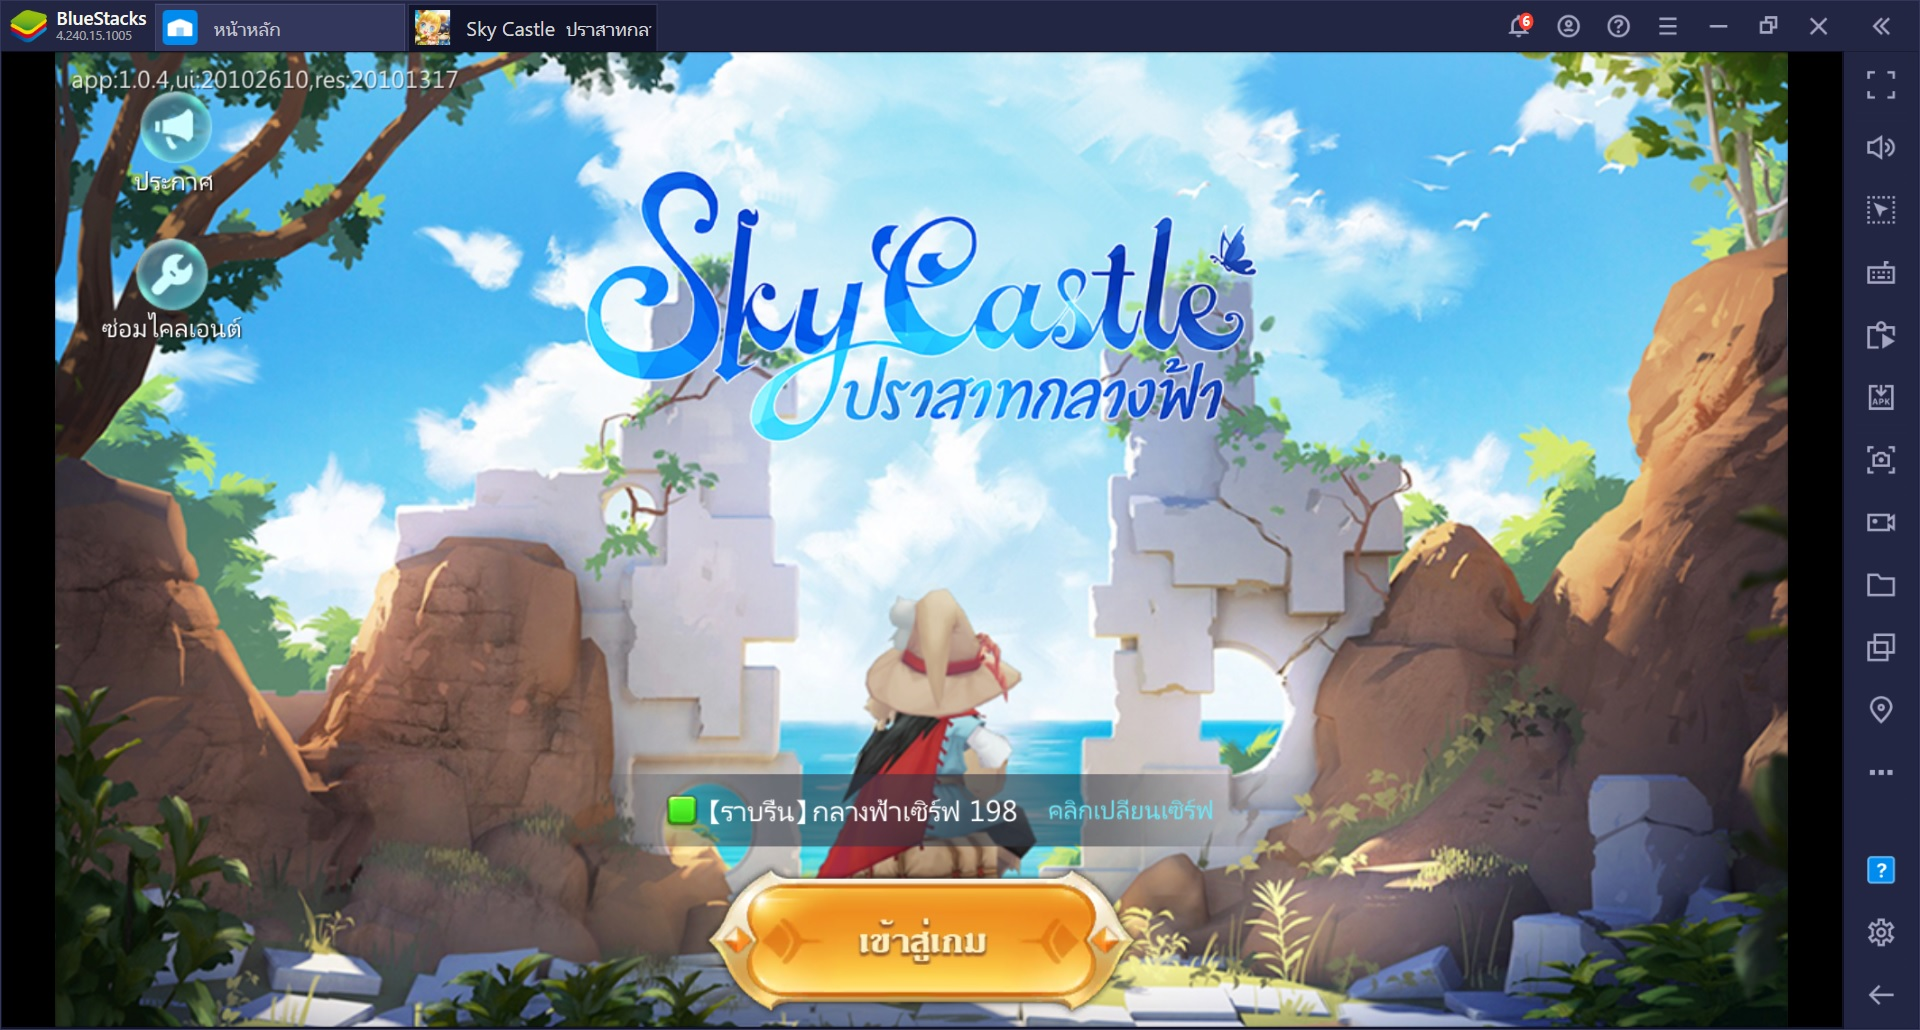 เพราะอะไรถึงต้องเล่น Sky Castle: ปราสาทกลางฟ้าผ่าน BlueStacks